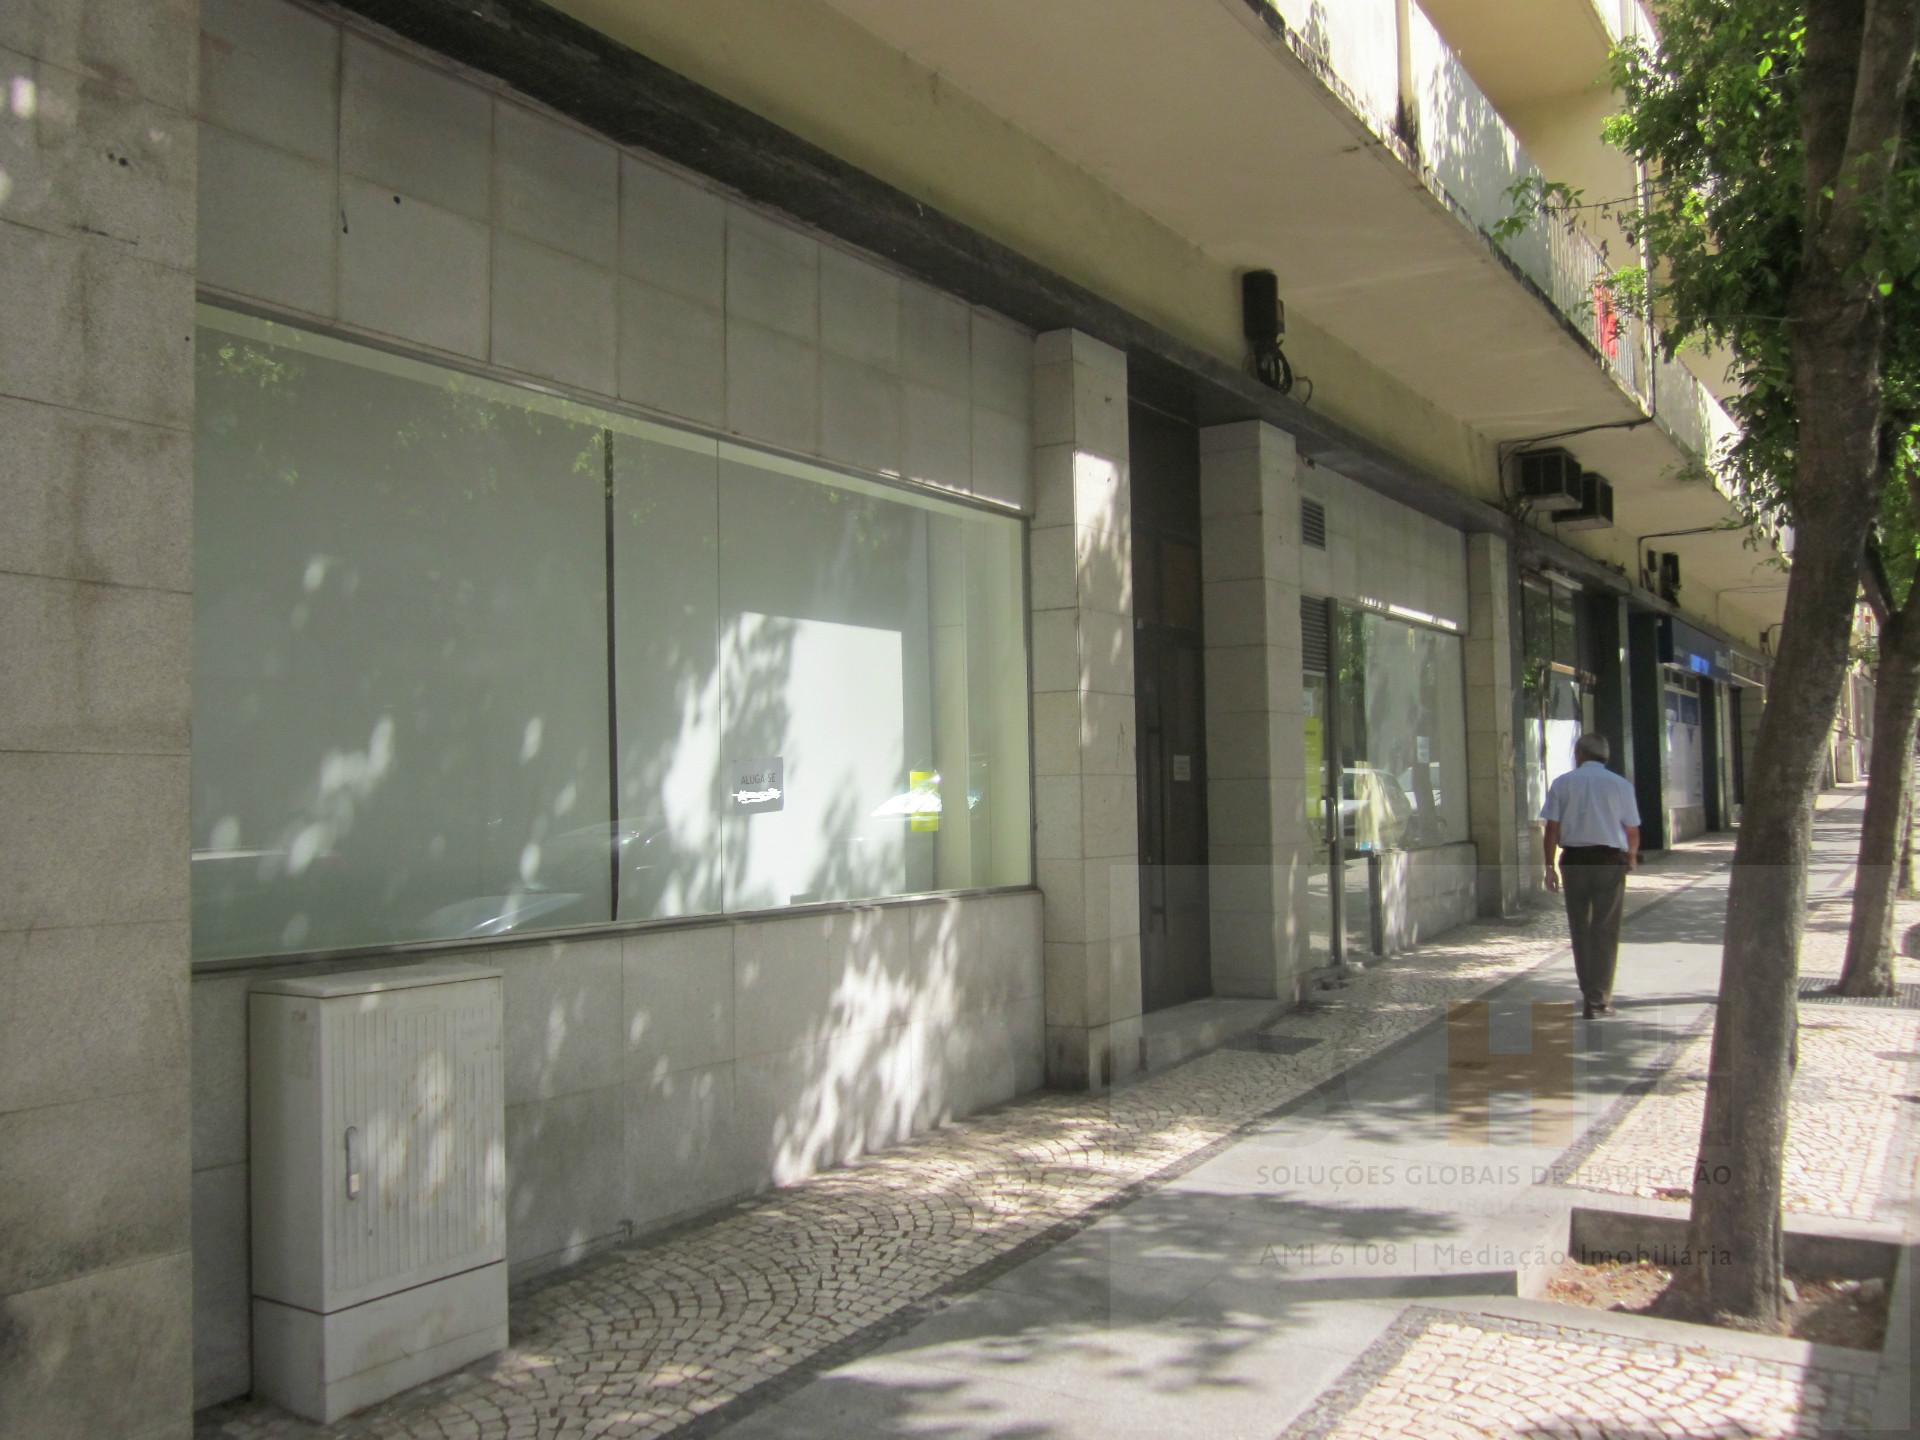 Arrenda loja Av 1 de Maio Castelo Branco 250m2